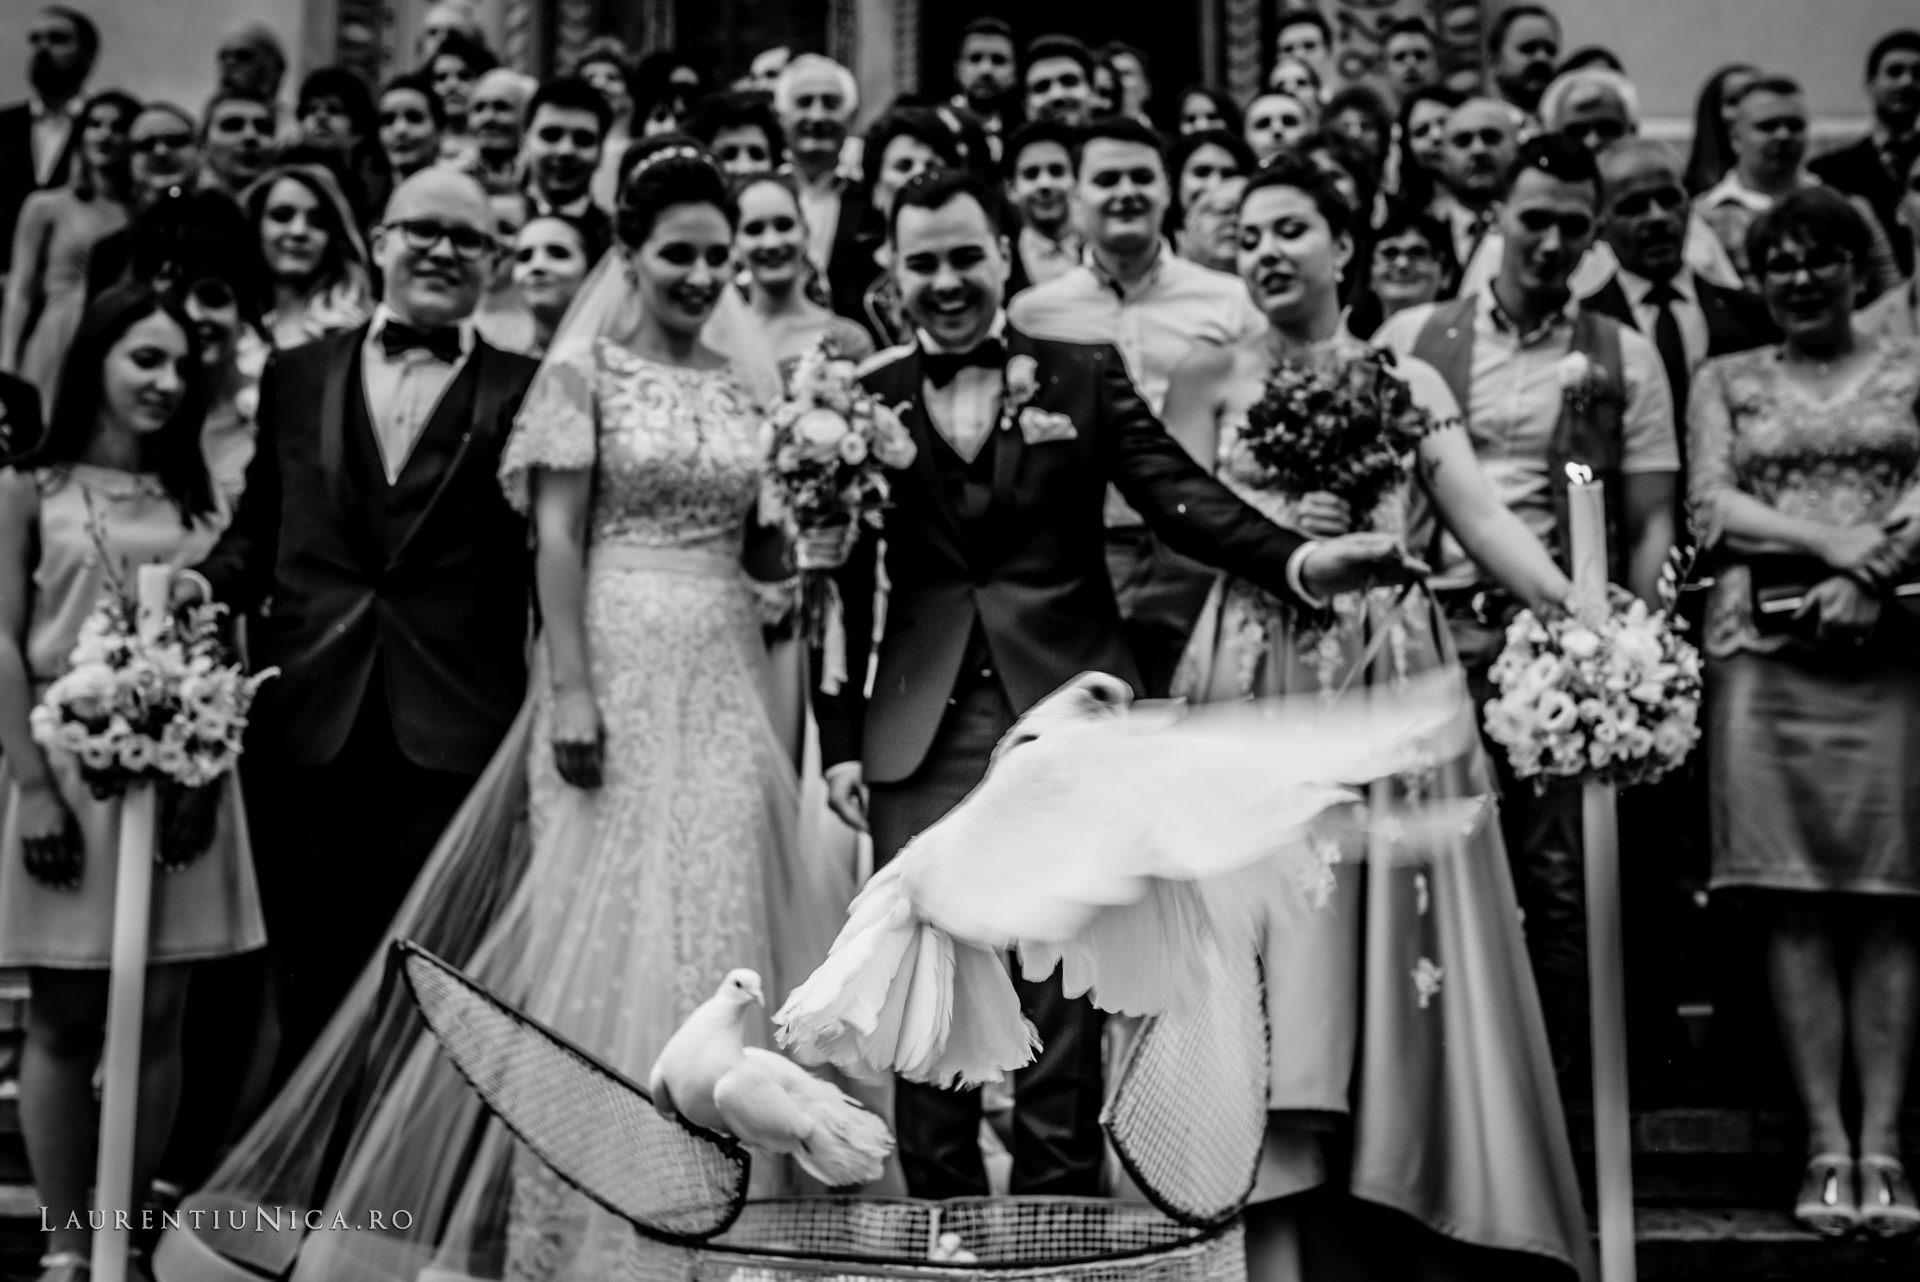 denisa si catalin fotograf nunta laurentiu nica craiova 59 - Denisa si Catalin | Fotografii nunta | Craiova